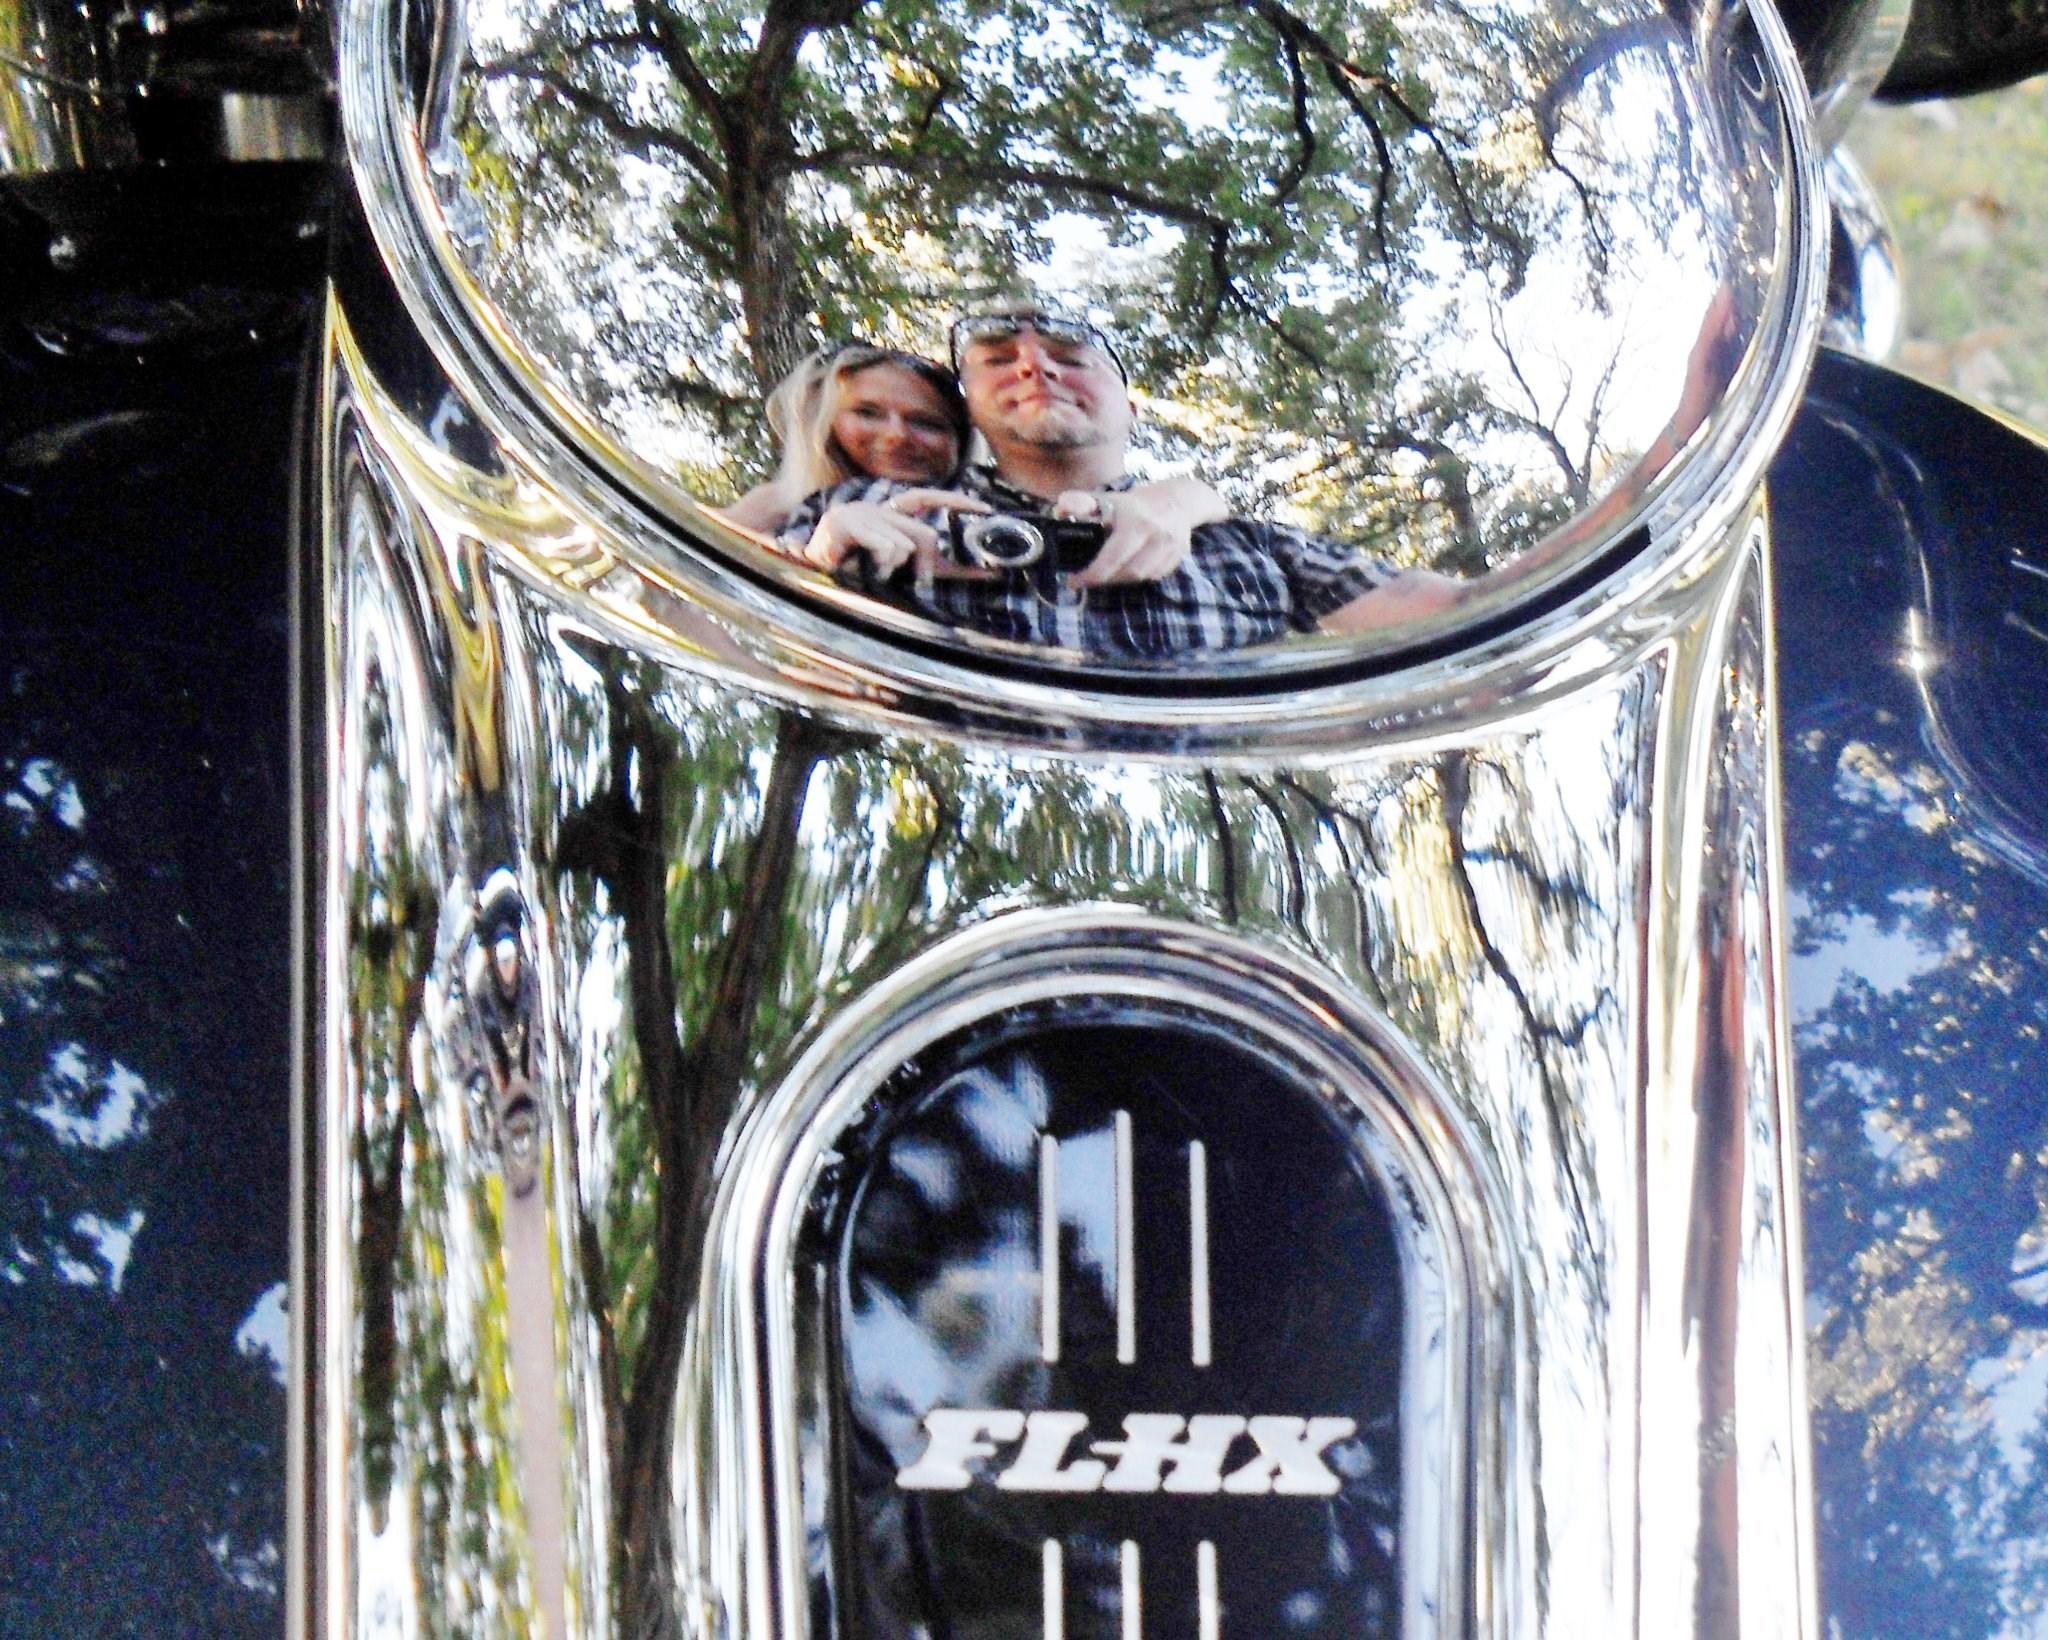 2008 Harley Davidson 174 Flhx Street Glide 174 Dark Blue Pearl